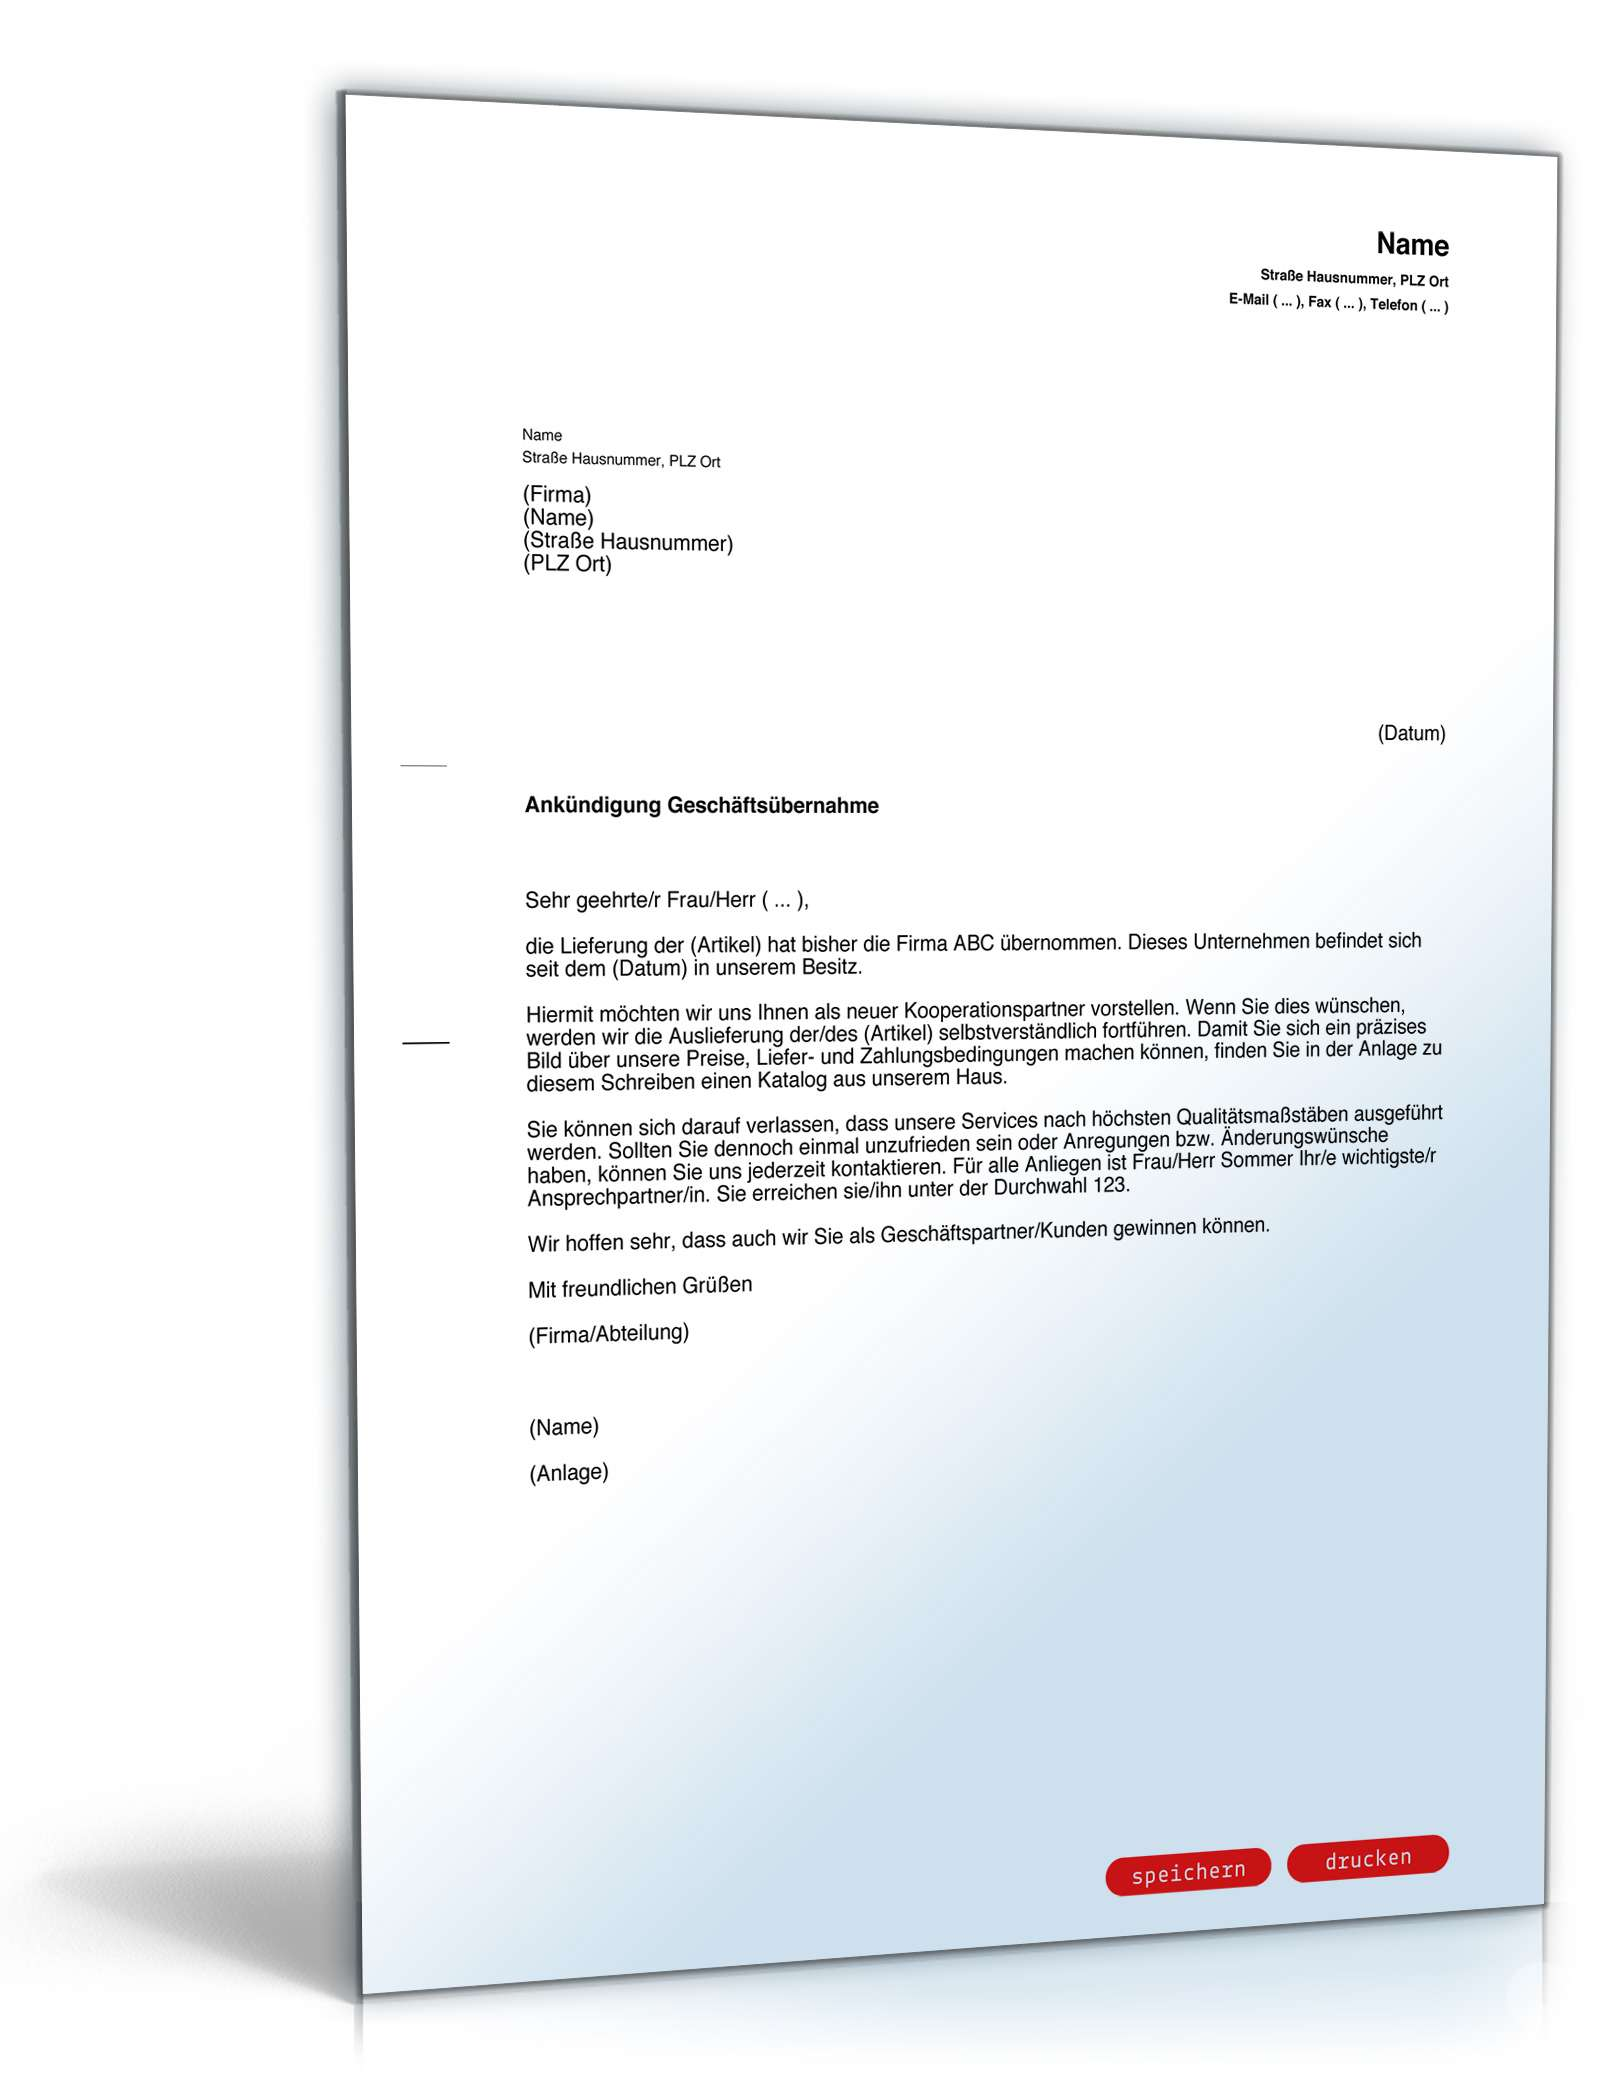 Ankündigung Geschäftsübernahme Vorlage Zum Download